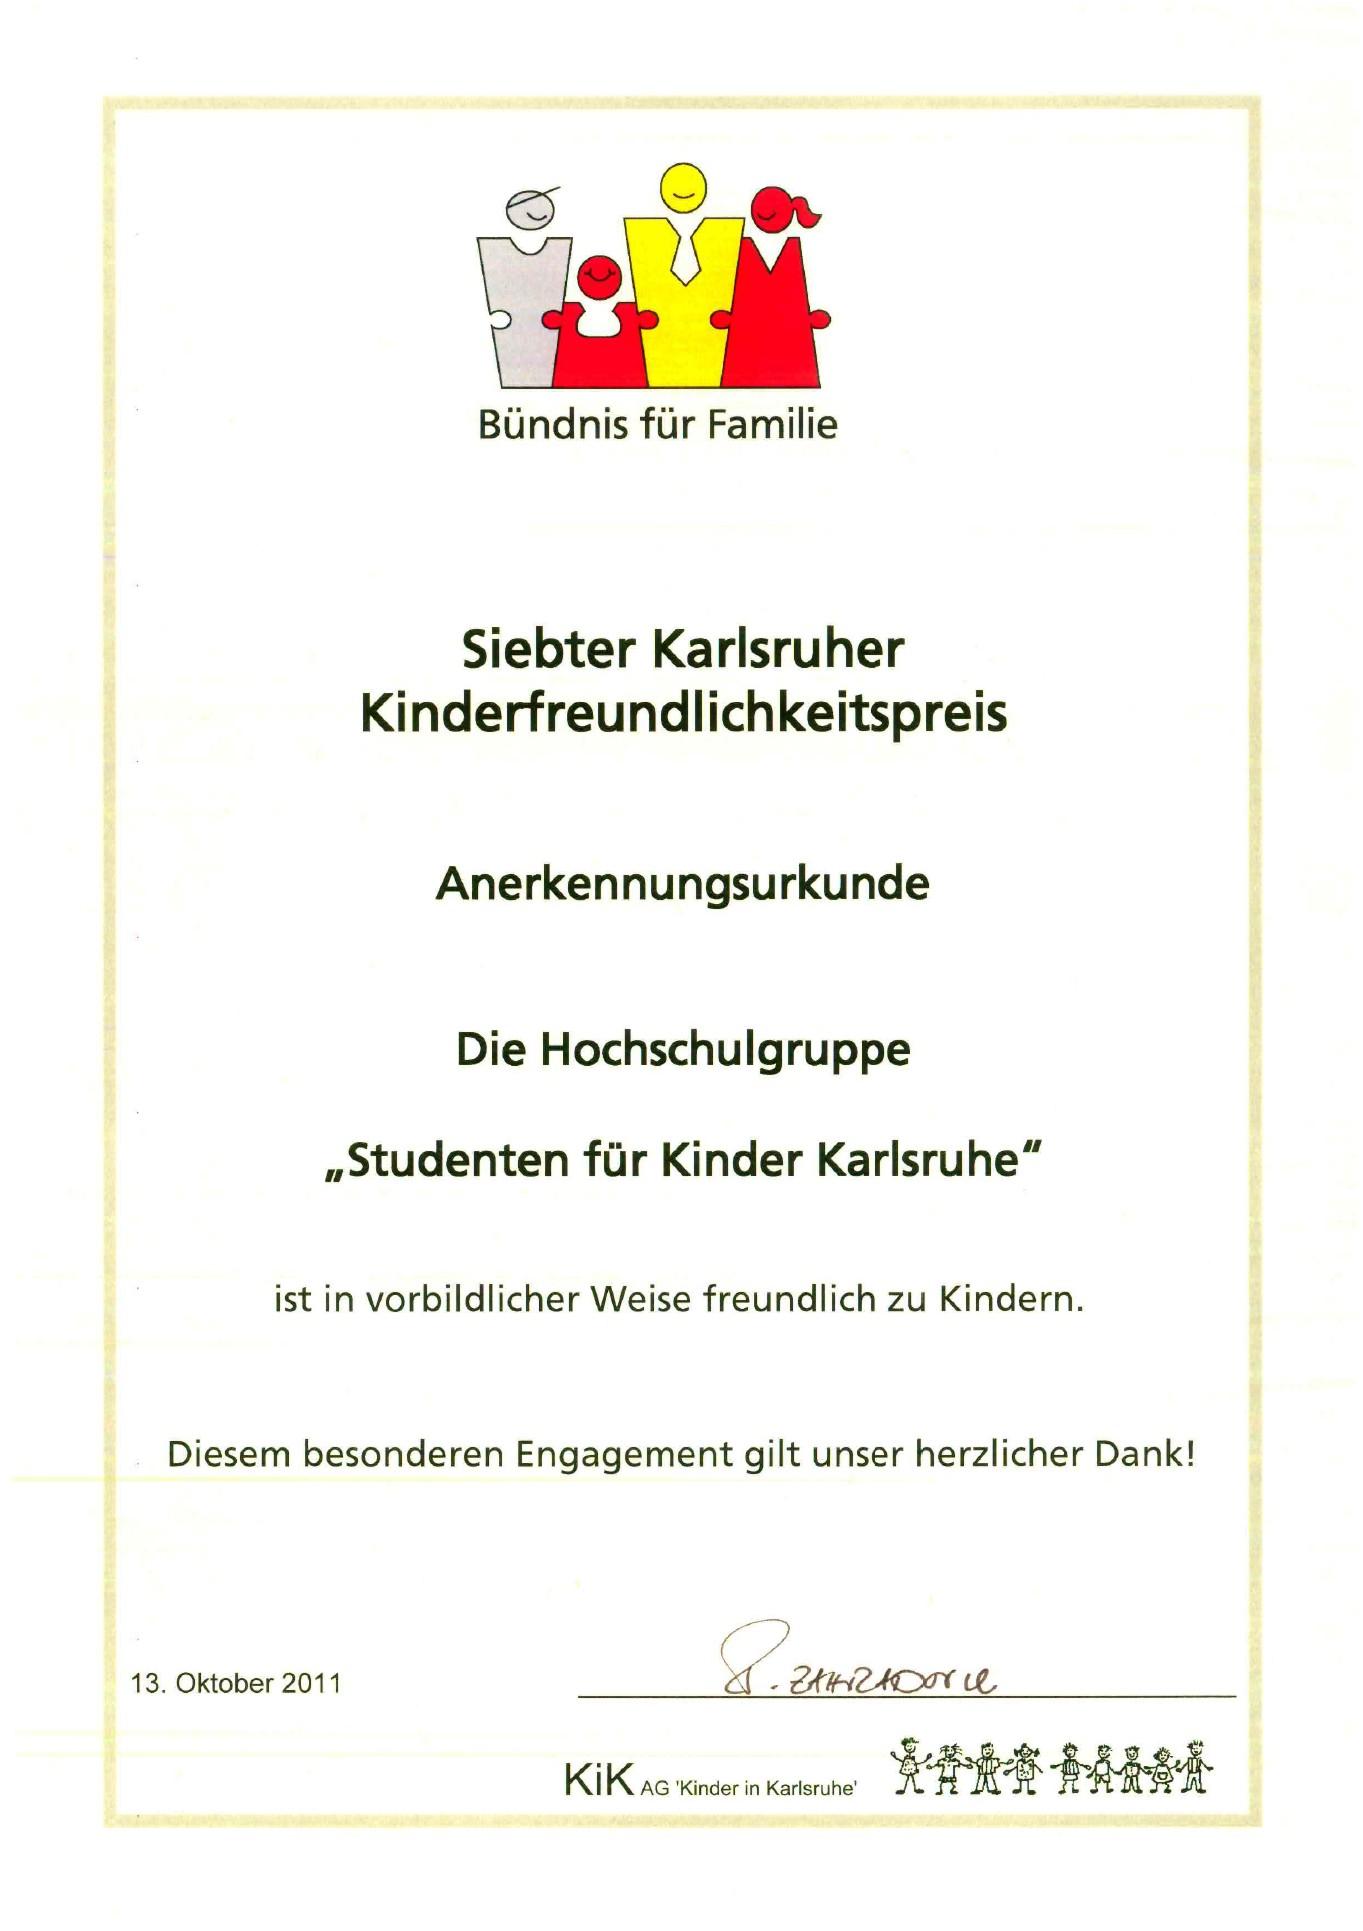 Karlsruher Kinderfreundlichkeitspreis 2011 (1/3)